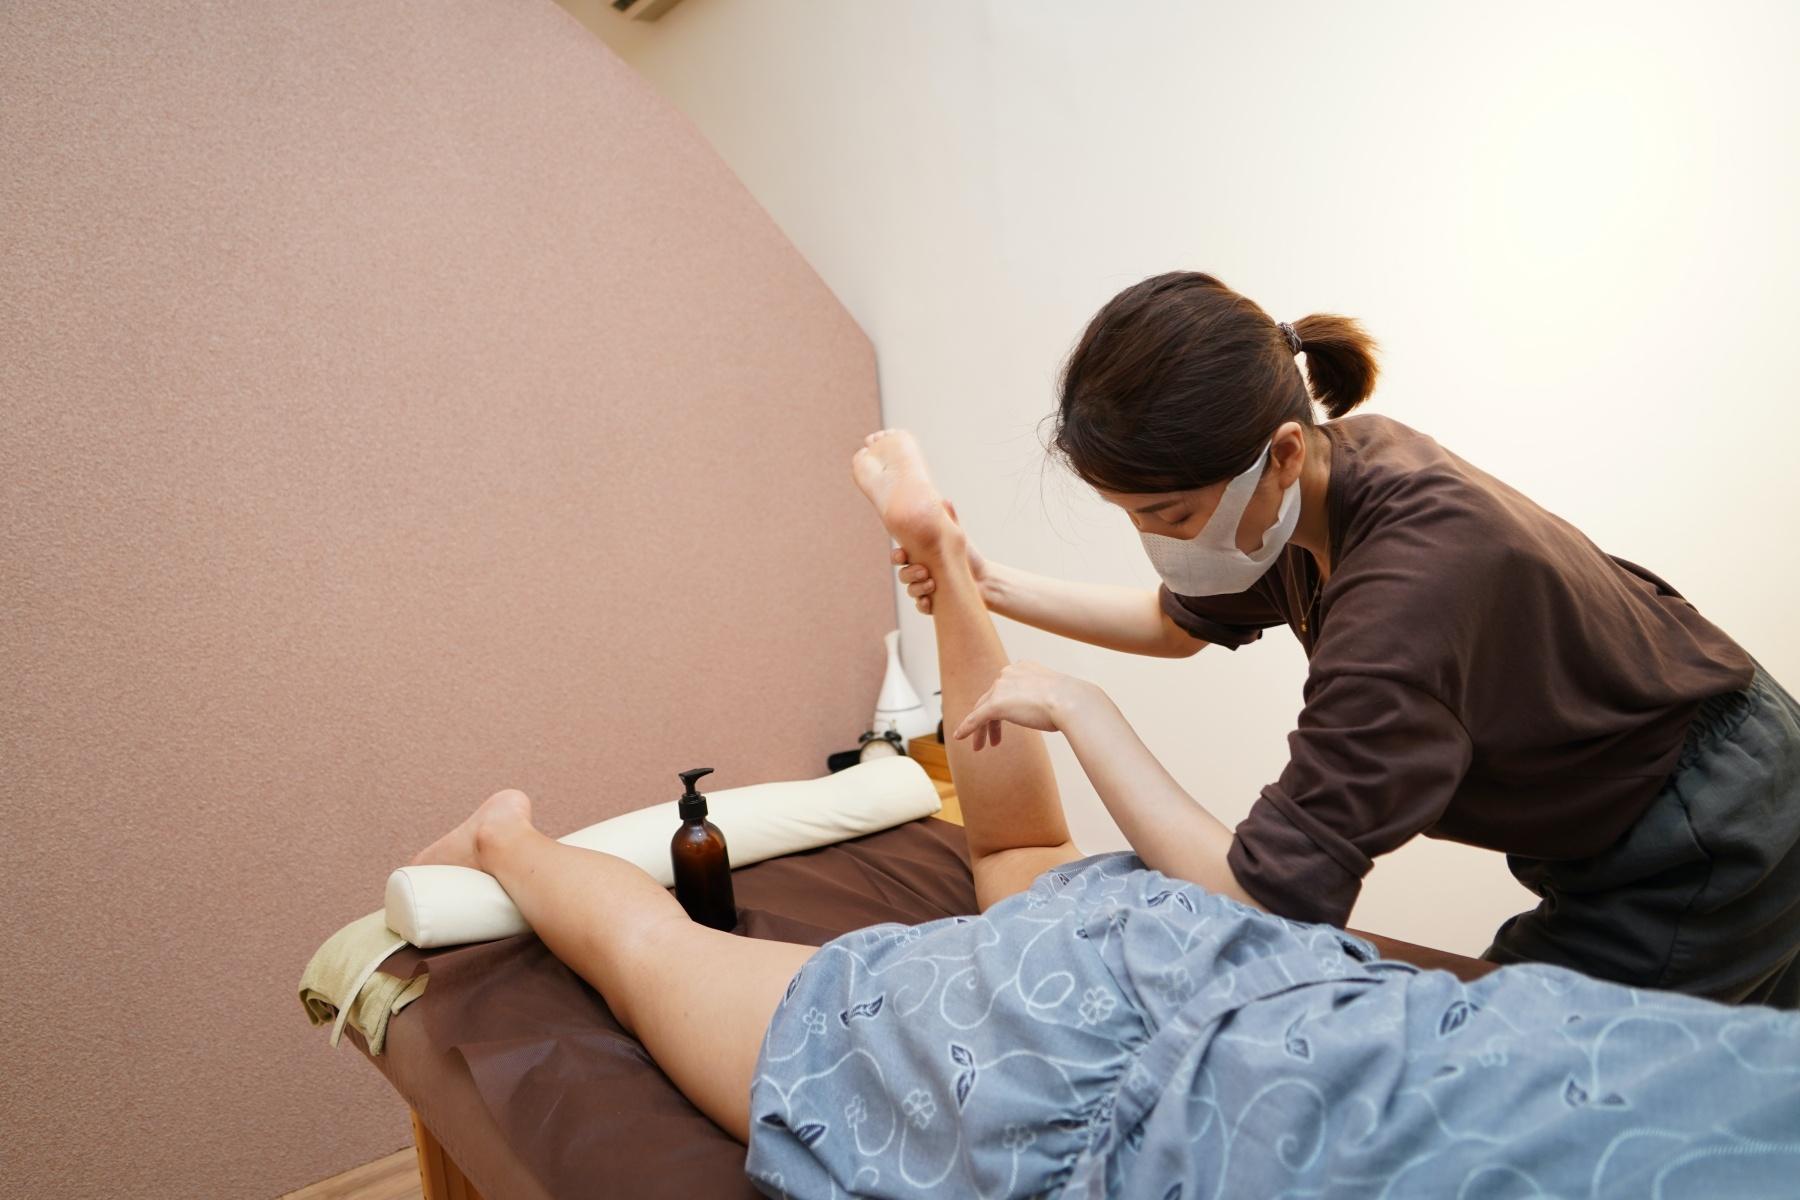 【Changa運動按摩評價】痠痛緊繃就交給他!貼心個人按摩師打理你的肌肉大小事